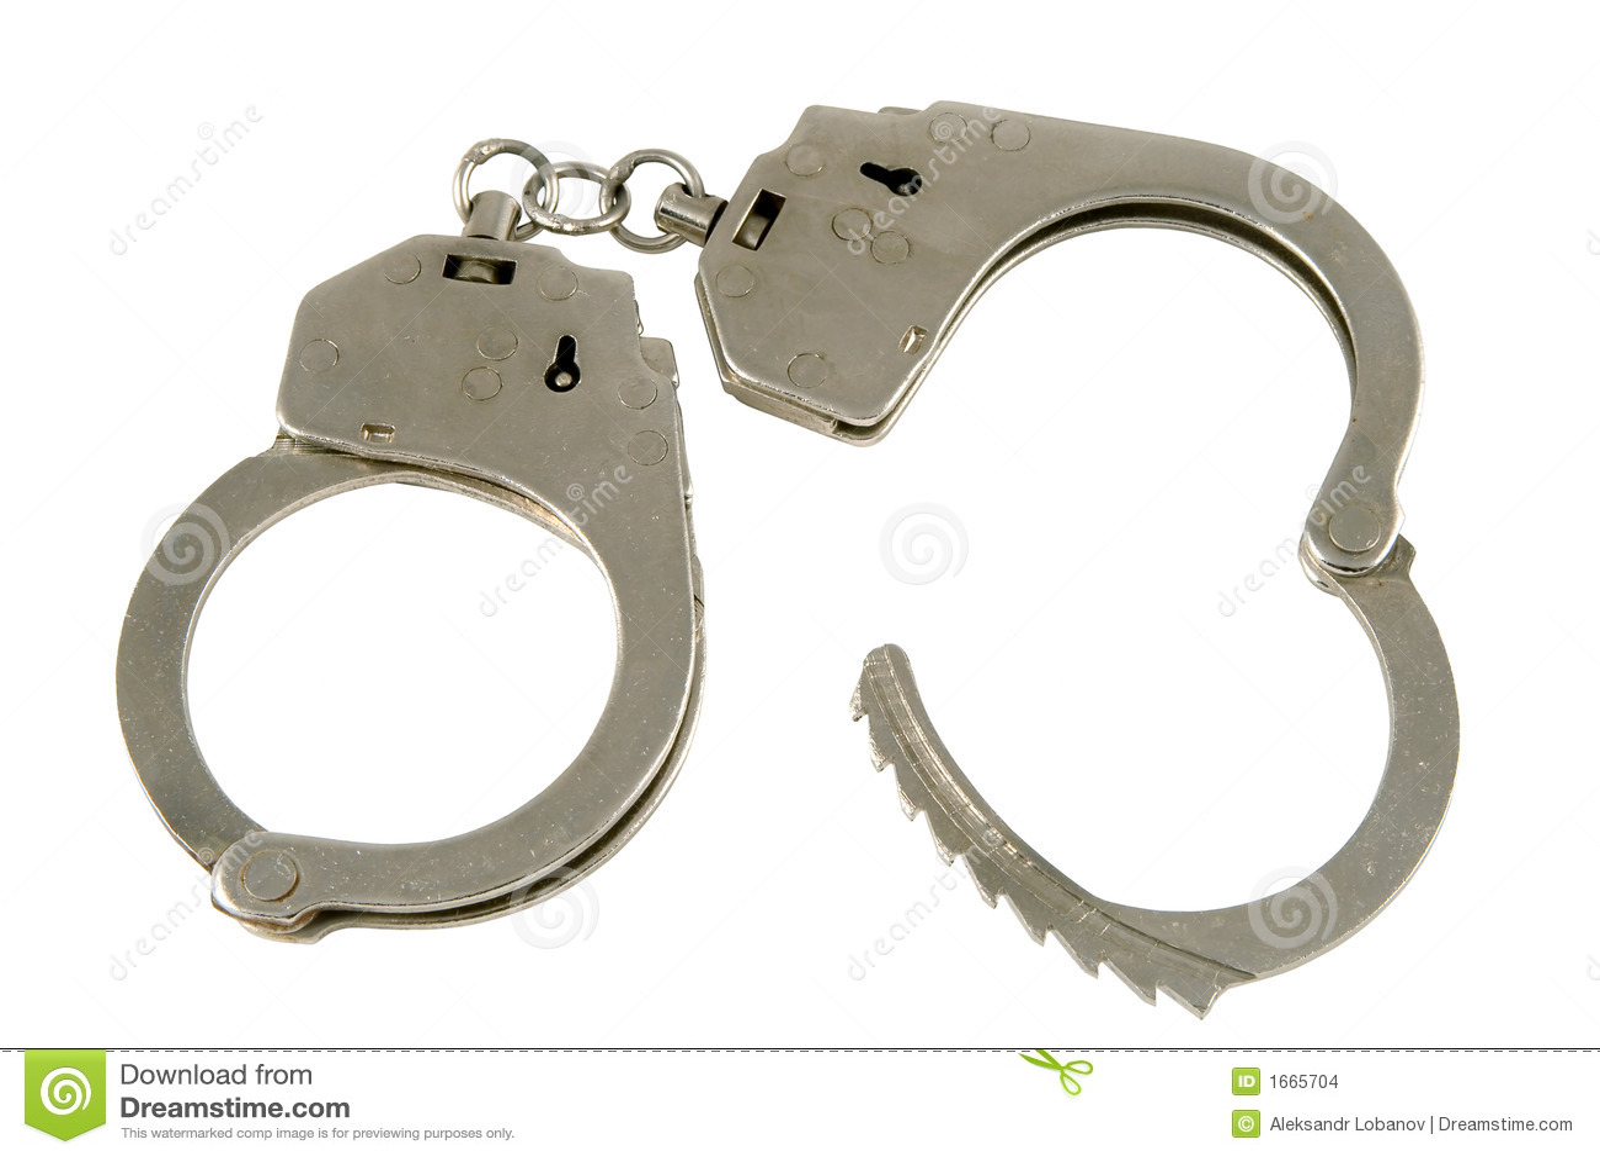 Handcuffs 4